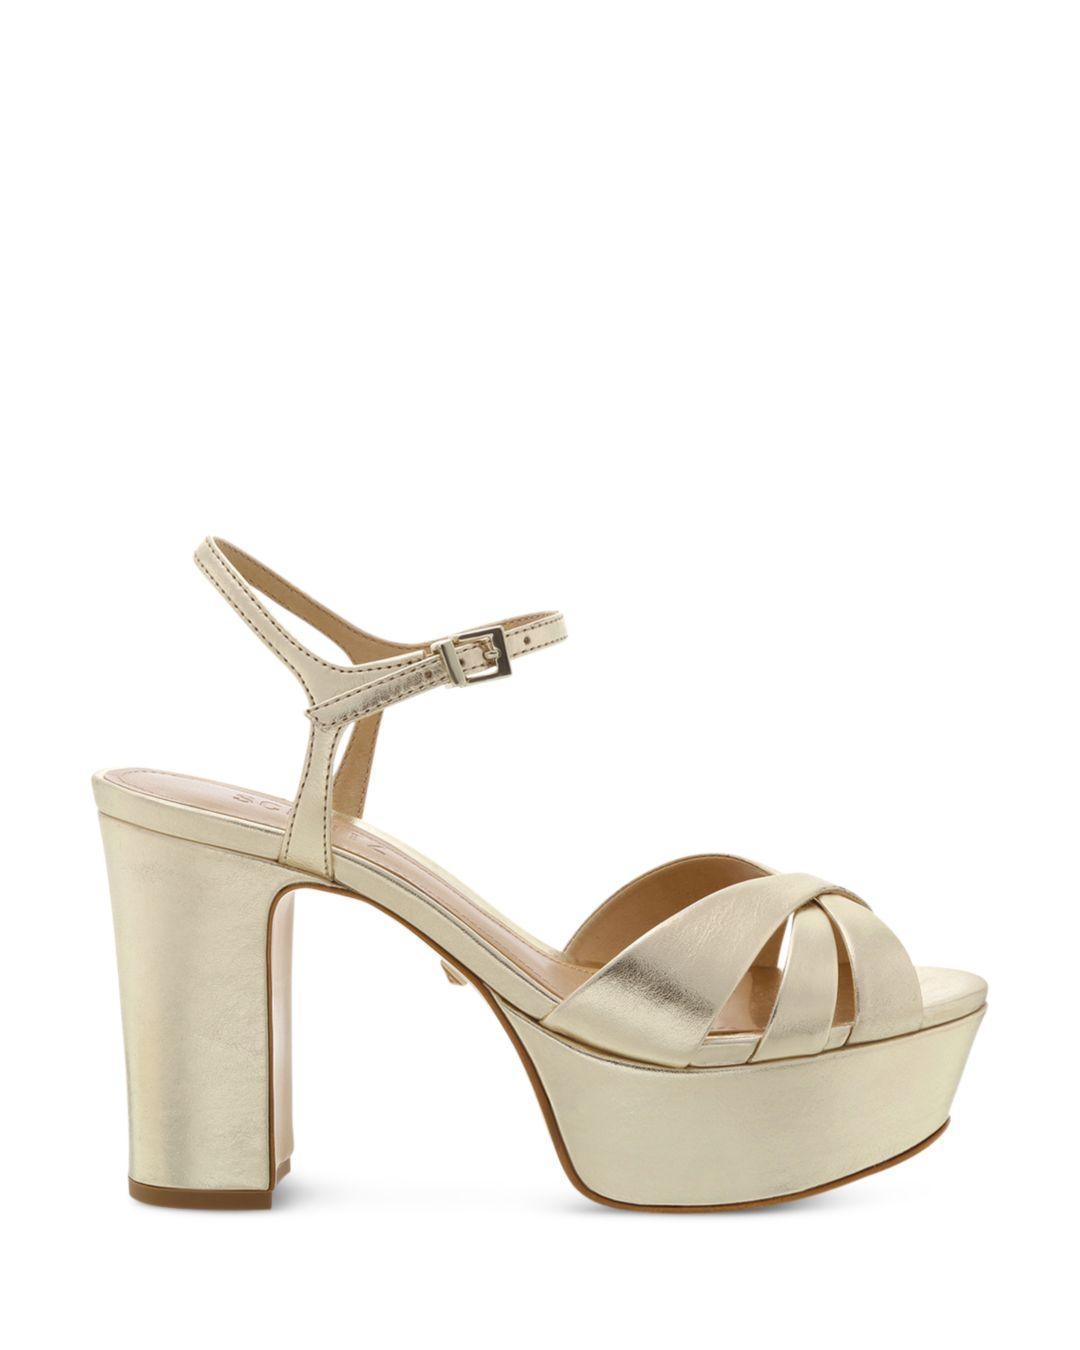 c91d2abb1383 Lyst - Schutz Women s Keefa High-heel Platform Sandals in Metallic